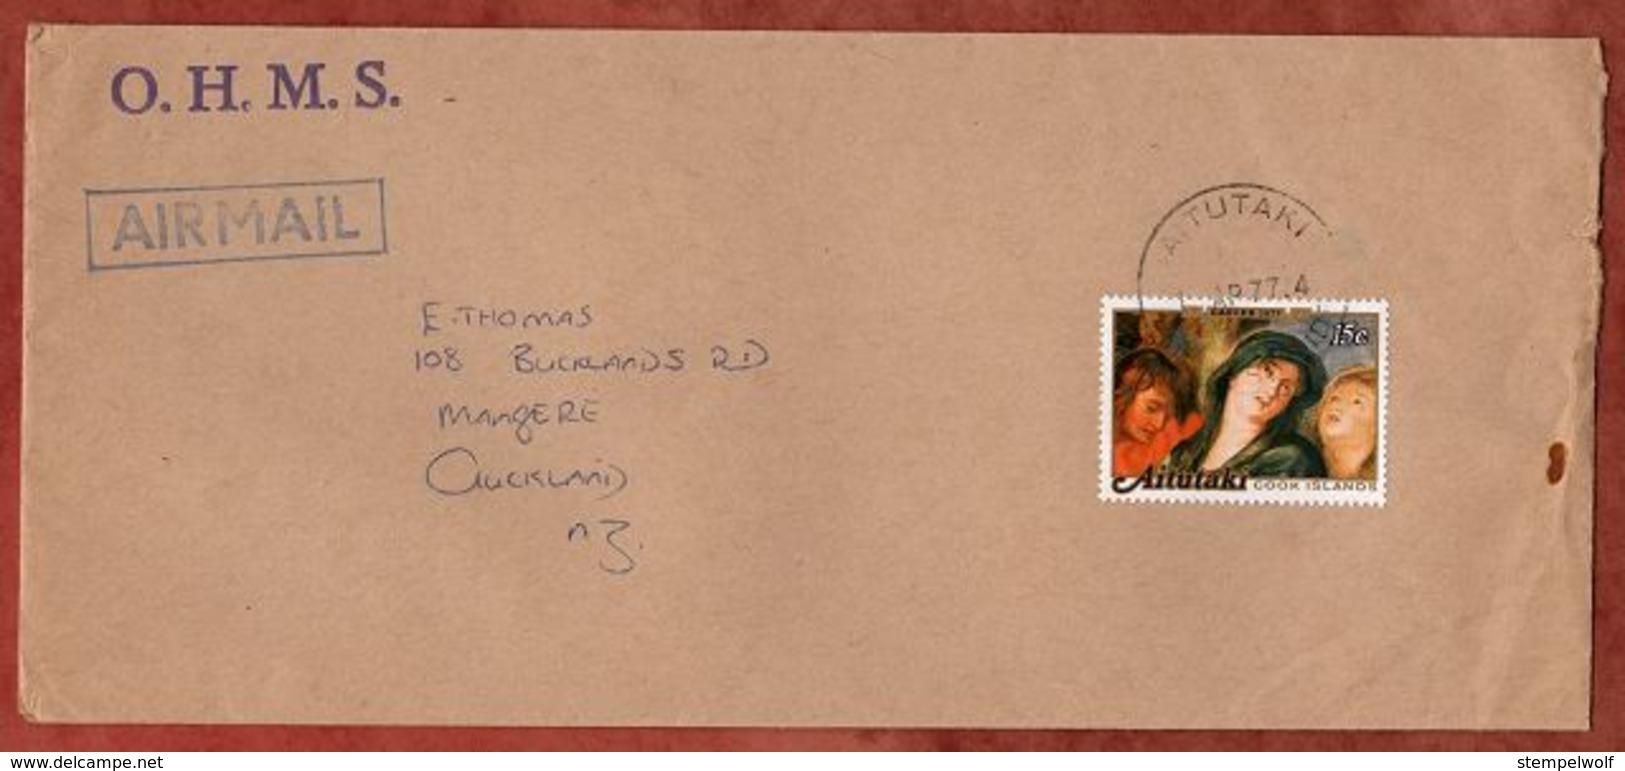 Luftpost, Ostern Rubens, Aitutaki Cook Islands Nach Auckland 1977 (71882) - Aitutaki